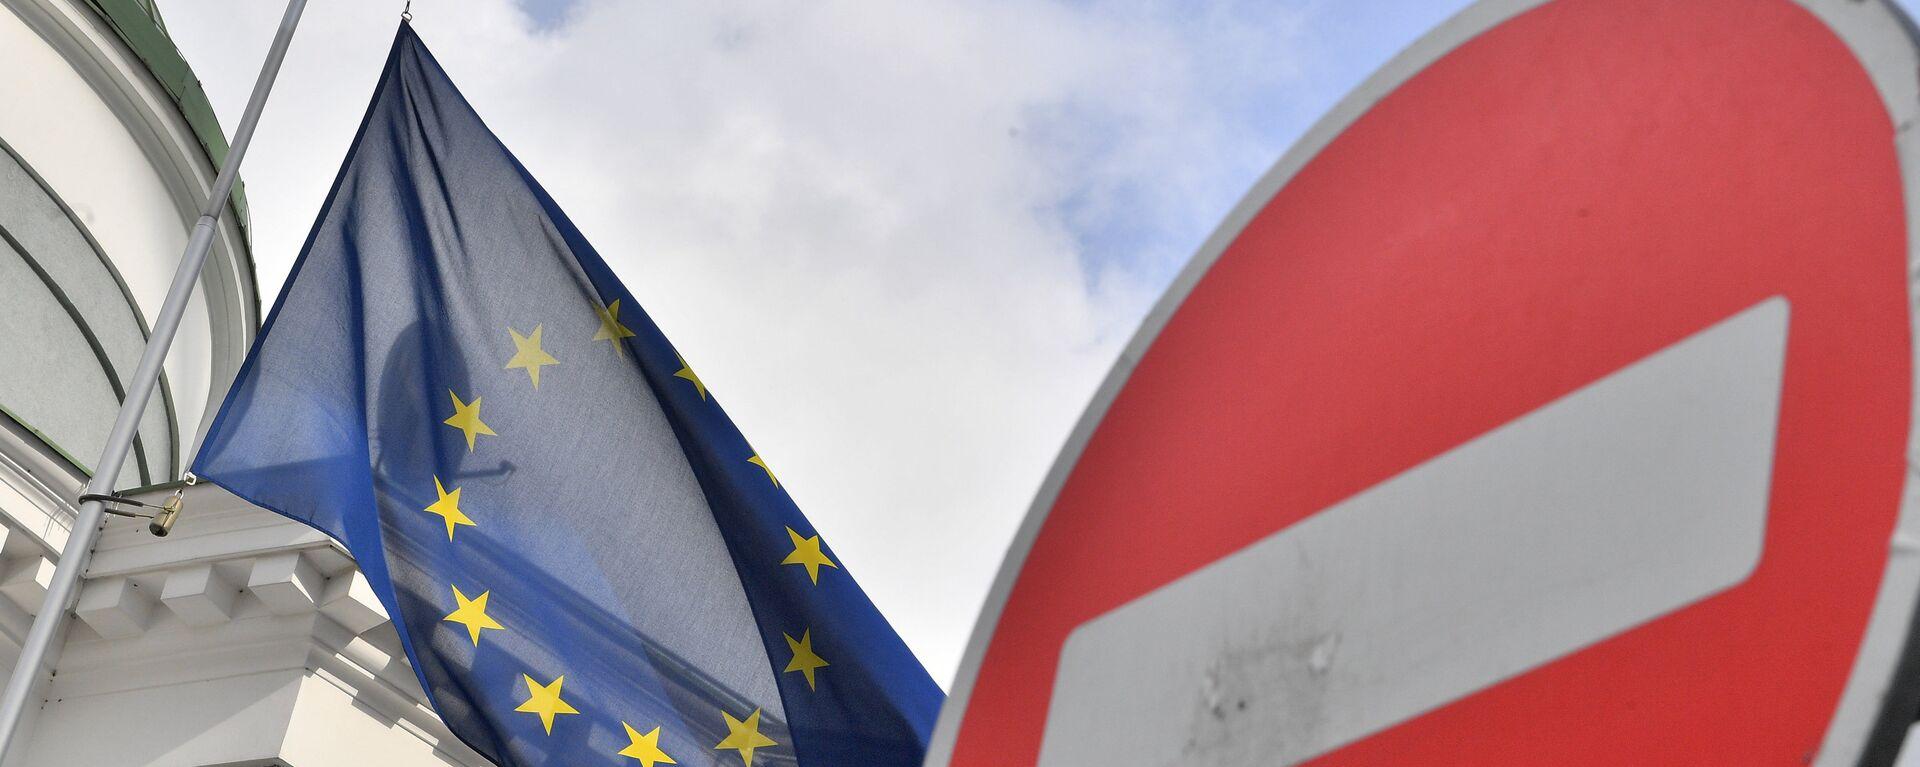 Bandera de la UE - Sputnik Mundo, 1920, 10.02.2021